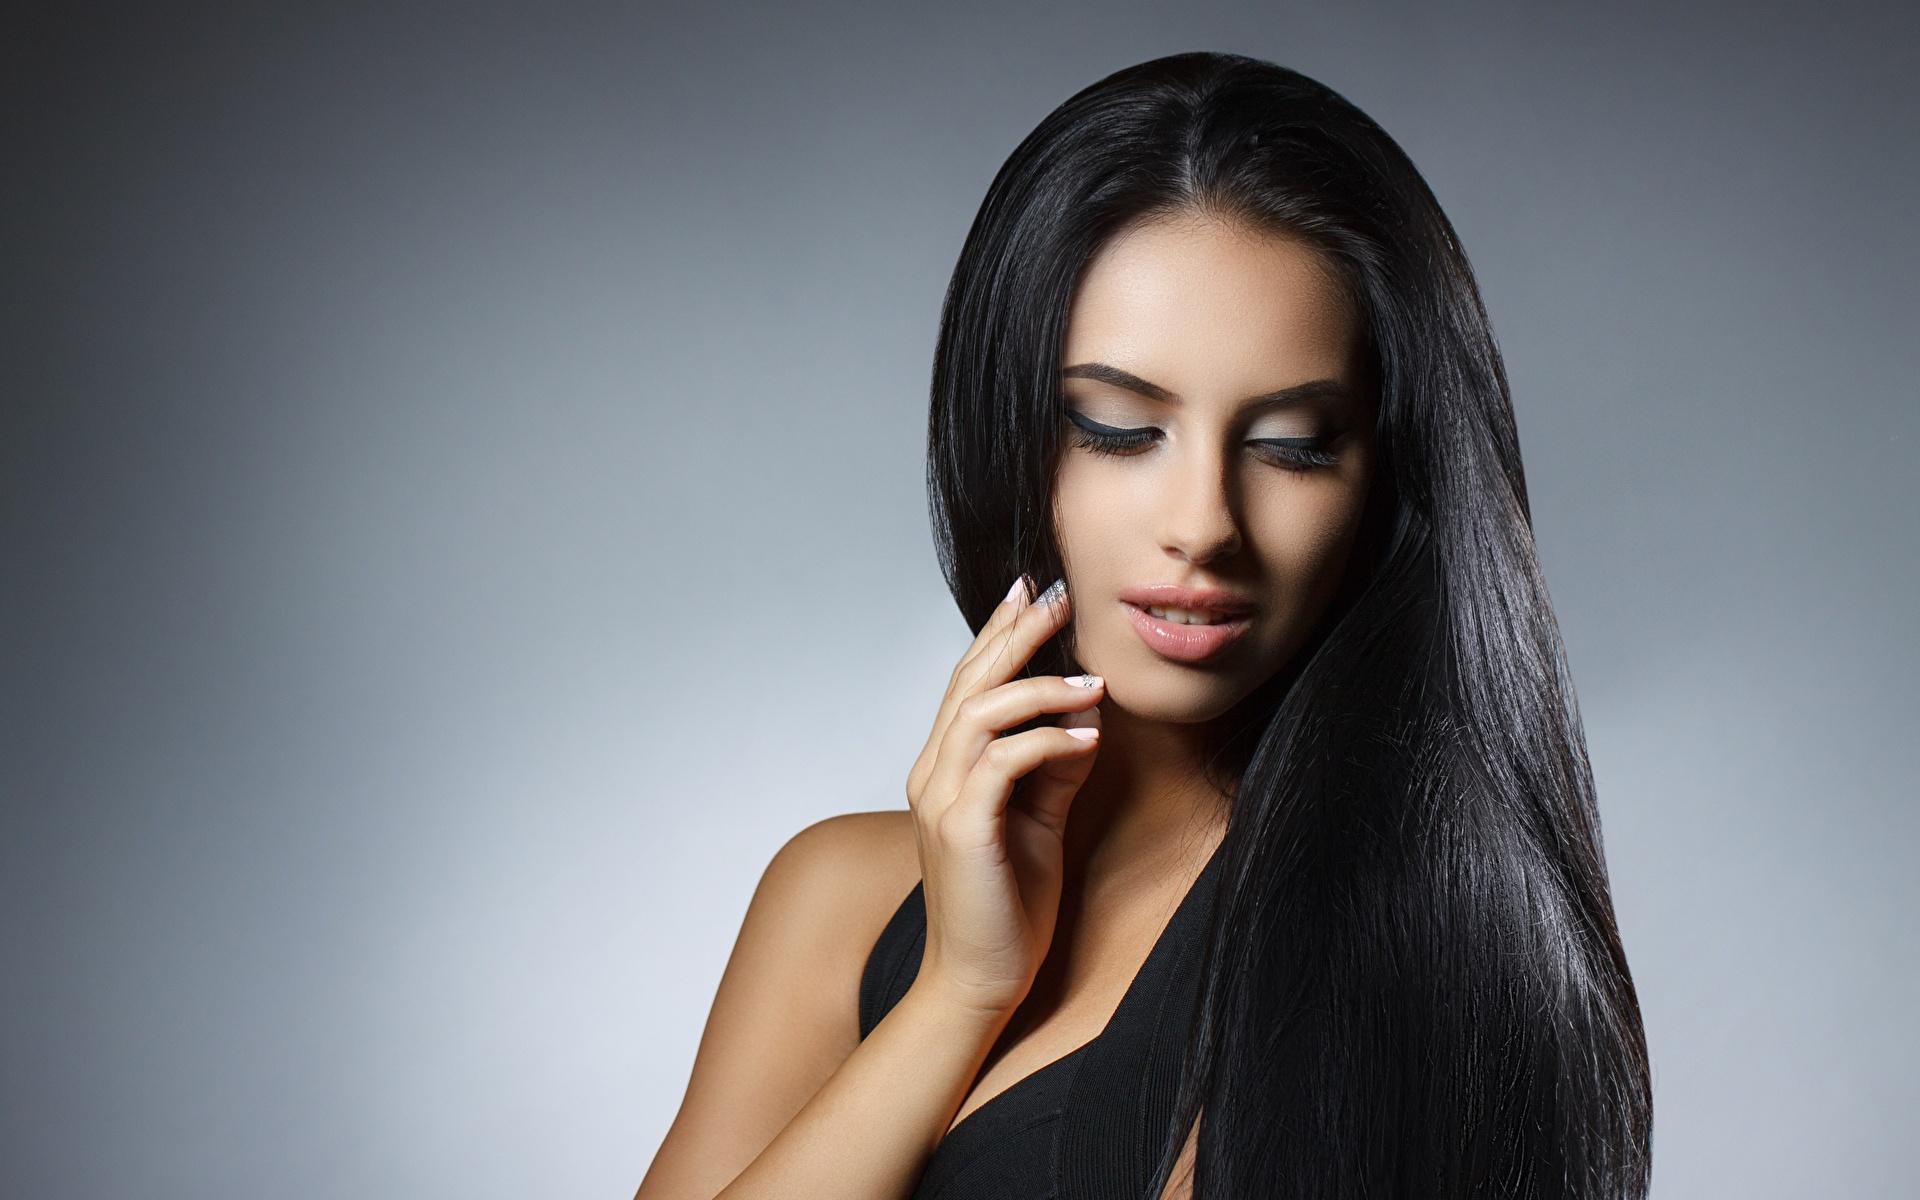 Desktop Hintergrundbilder Brünette Model Schminke hübscher Haar Mädchens 1920x1200 Make Up Schön schöne hübsch hübsche schöner schönes junge frau junge Frauen